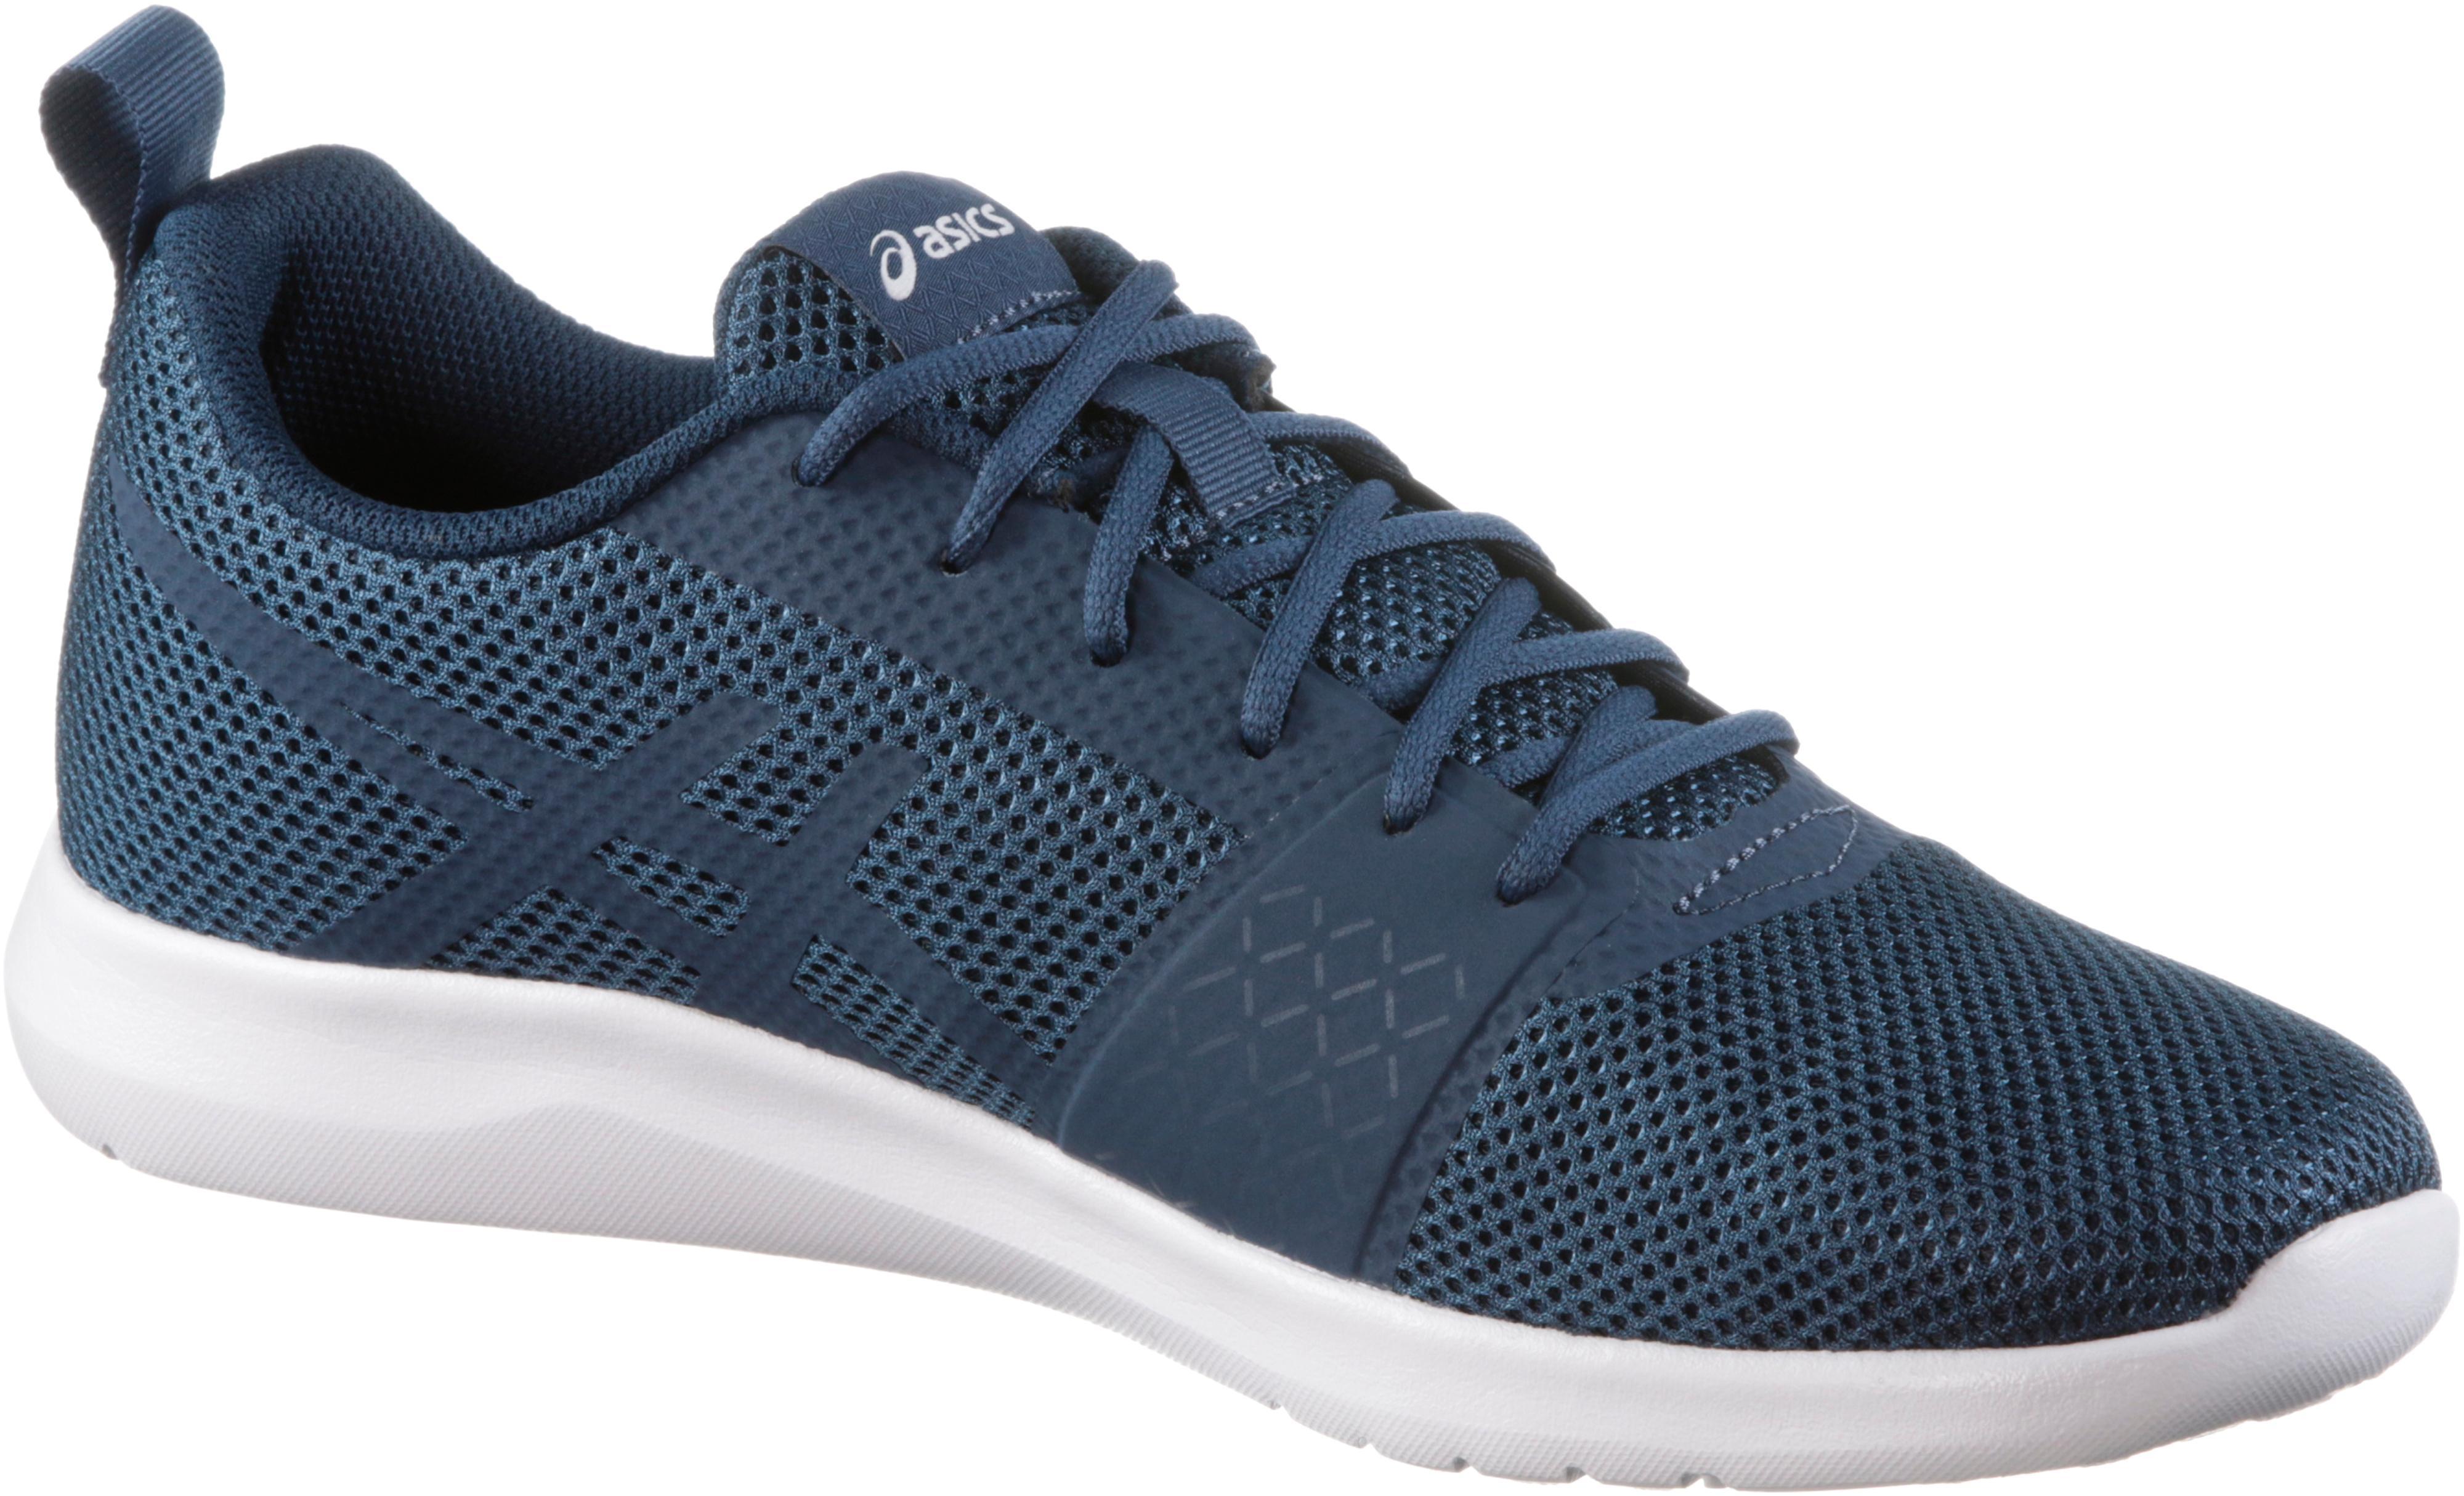 ASICS KANMEI MX Laufschuhe Herren dark dark dark Blau-dark Blau-Weiß im Online Shop von SportScheck kaufen Gute Qualität beliebte Schuhe f7ed59